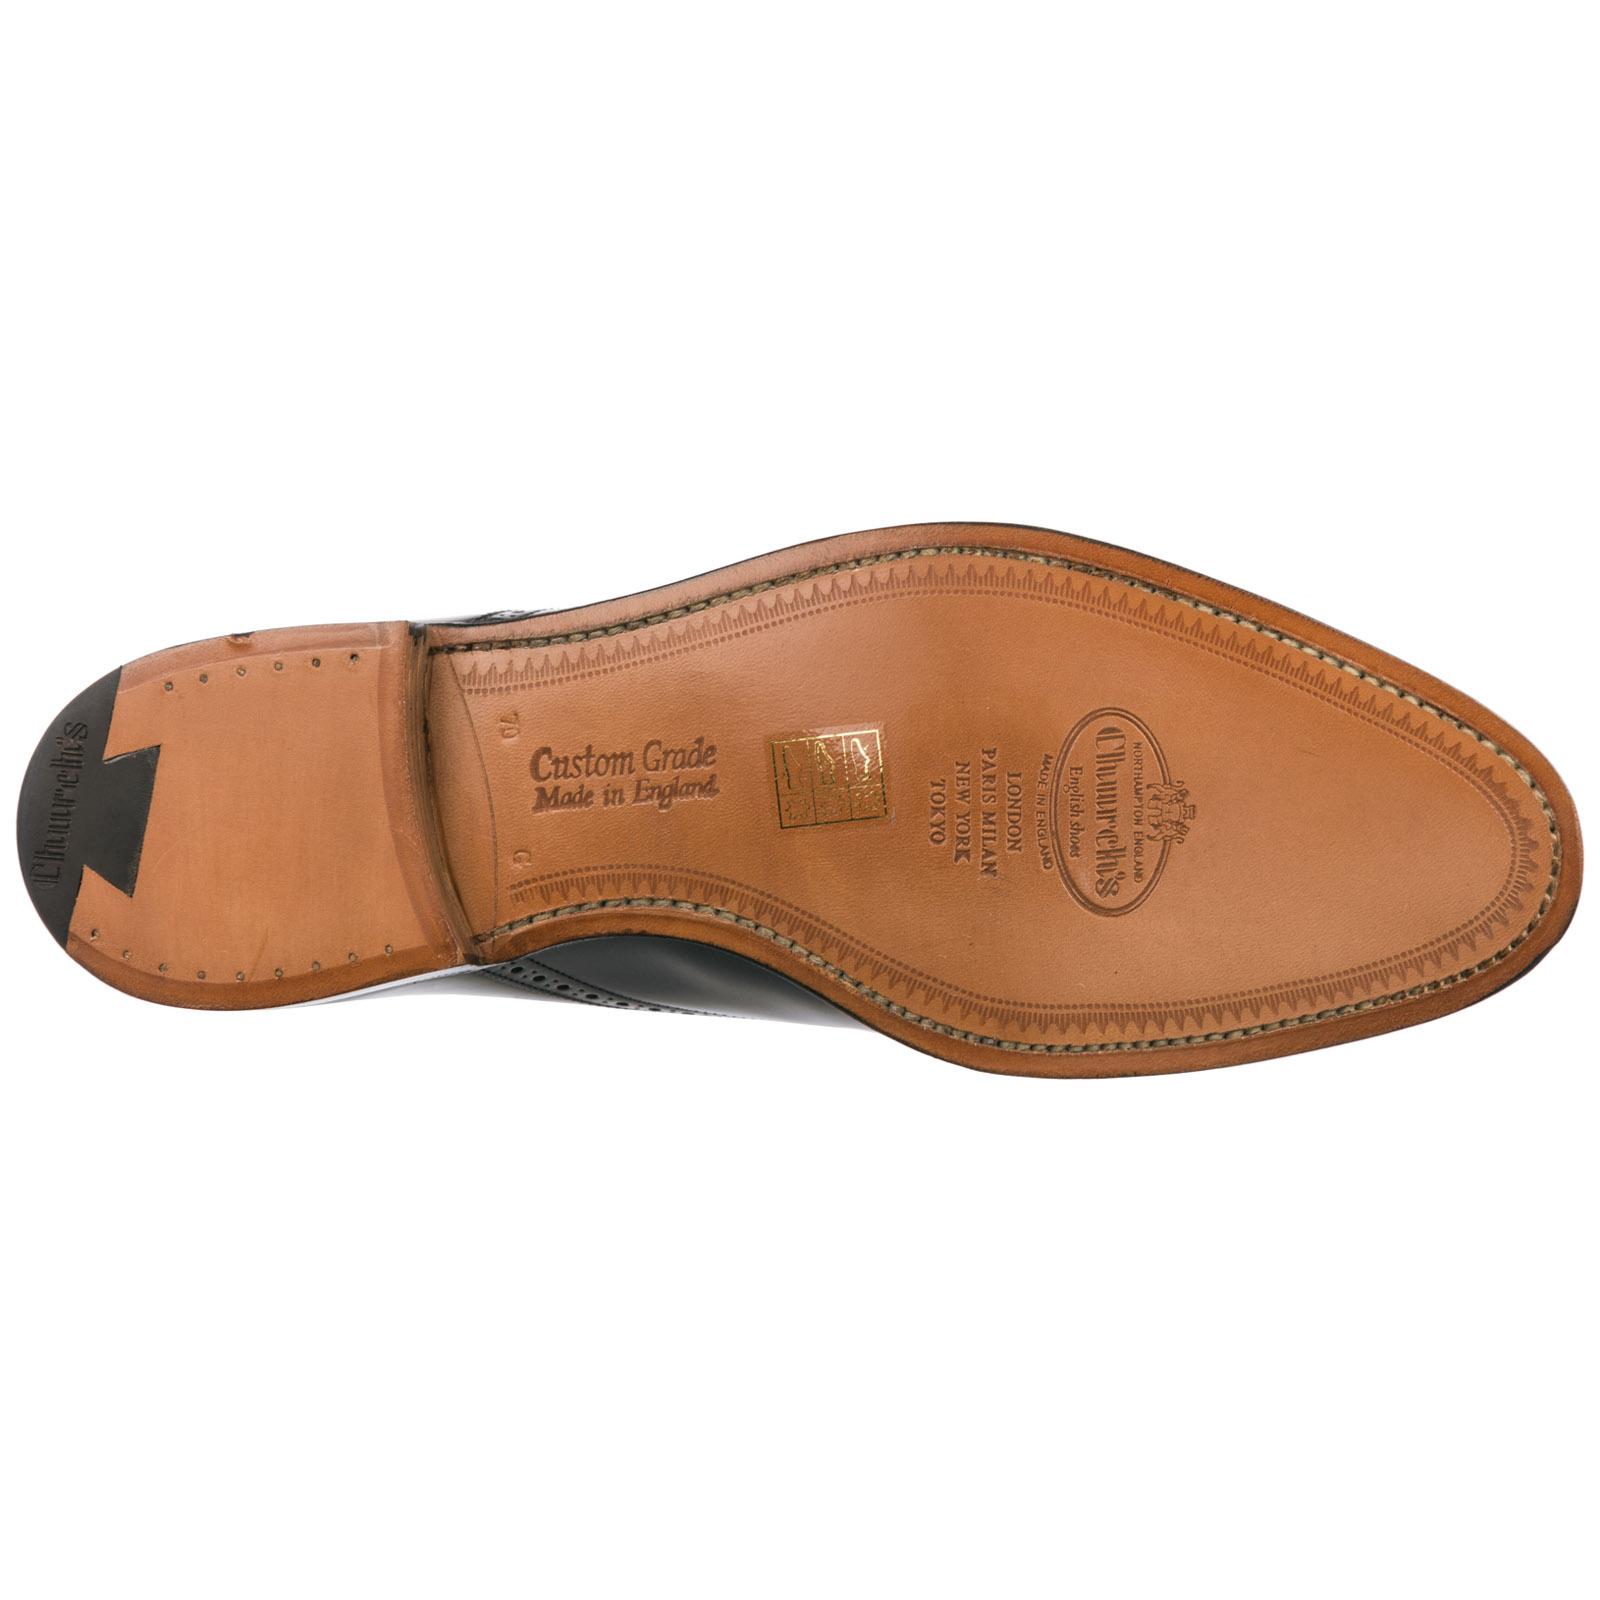 Clásico zapatos de cordones hombres en piel brogue toronto